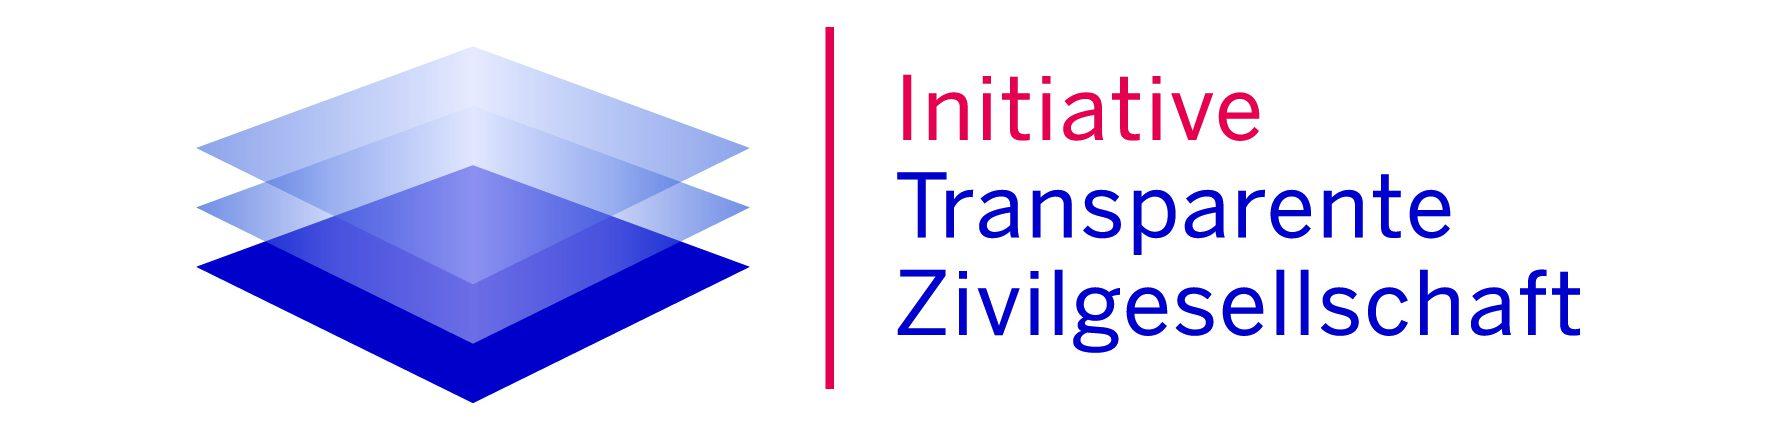 Logo Transparente Zivilgesellschaft e1553682685751 - Pop & Poesie...und zwischen den Zeilen Gott